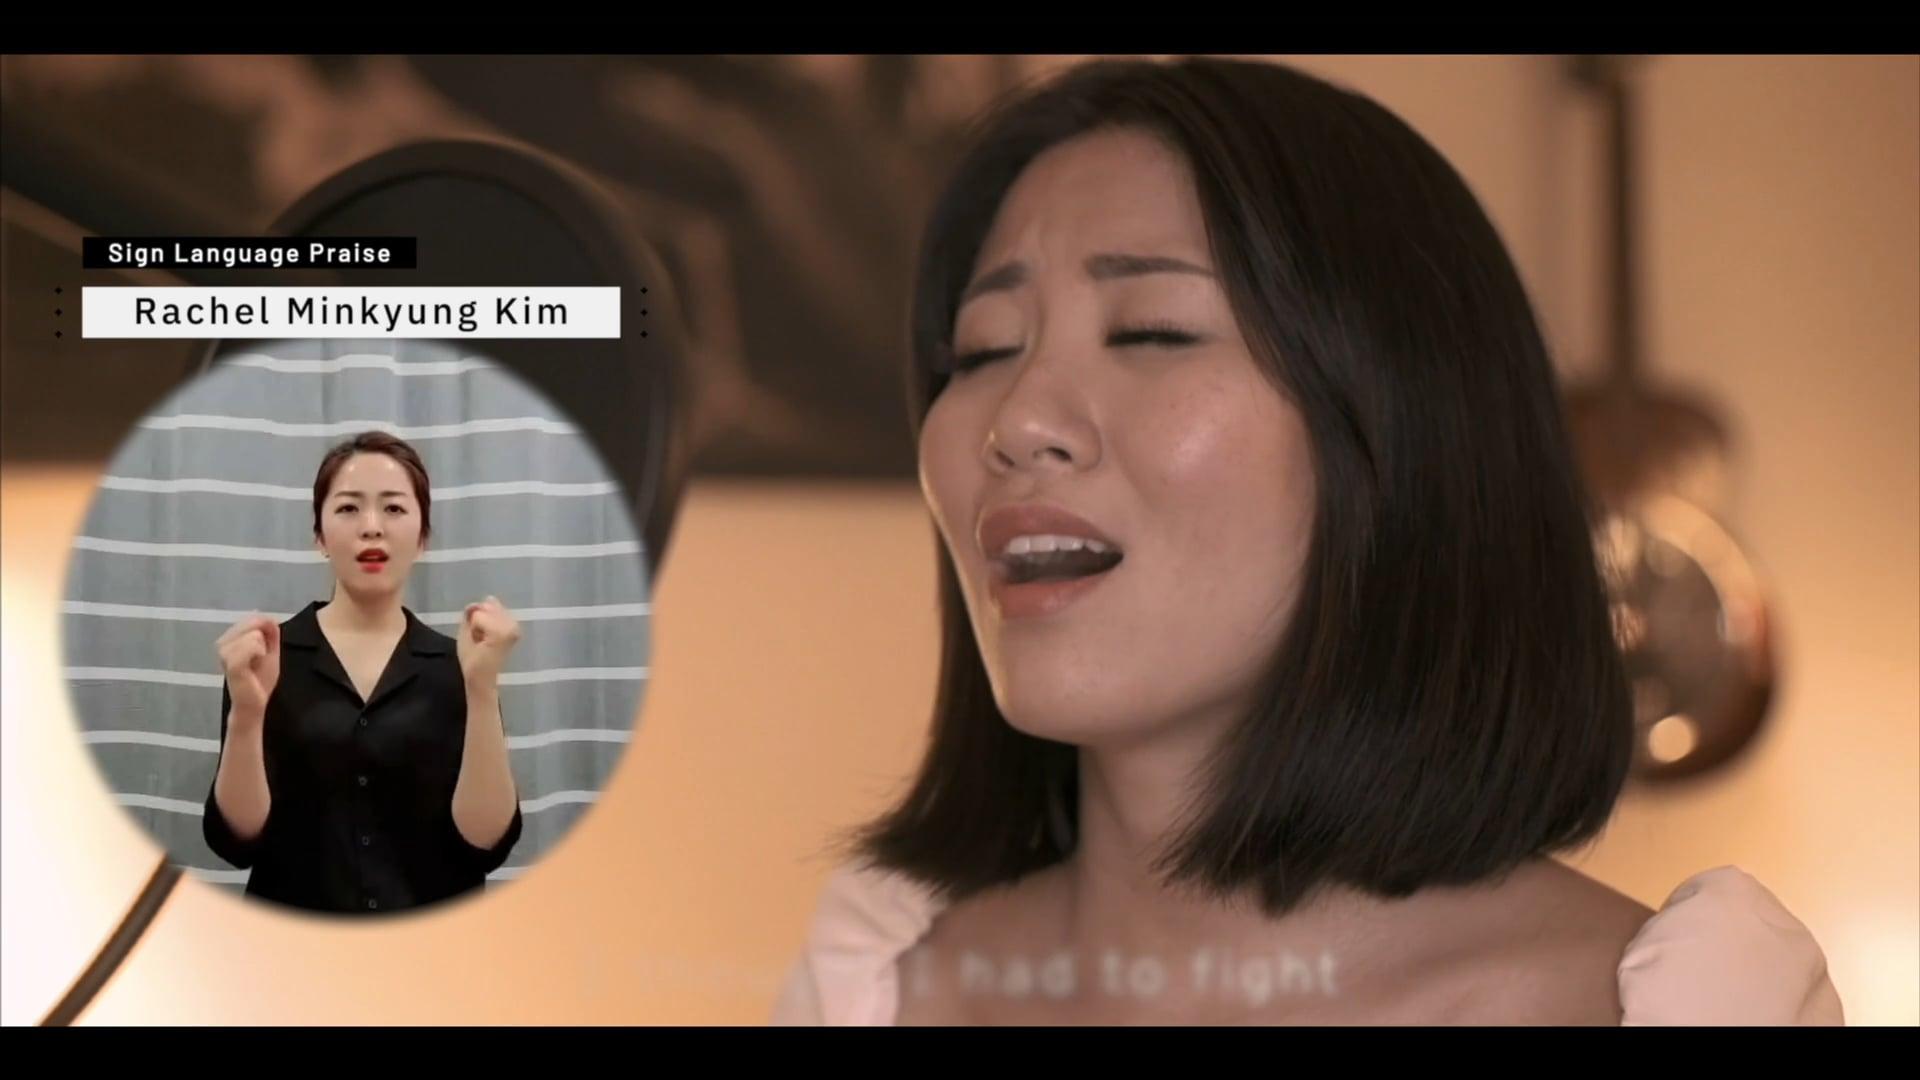 네버기브업 릴레이 챌린지 : Never Give Up(이 못난 나를) - 김민경 Sign Language Praise